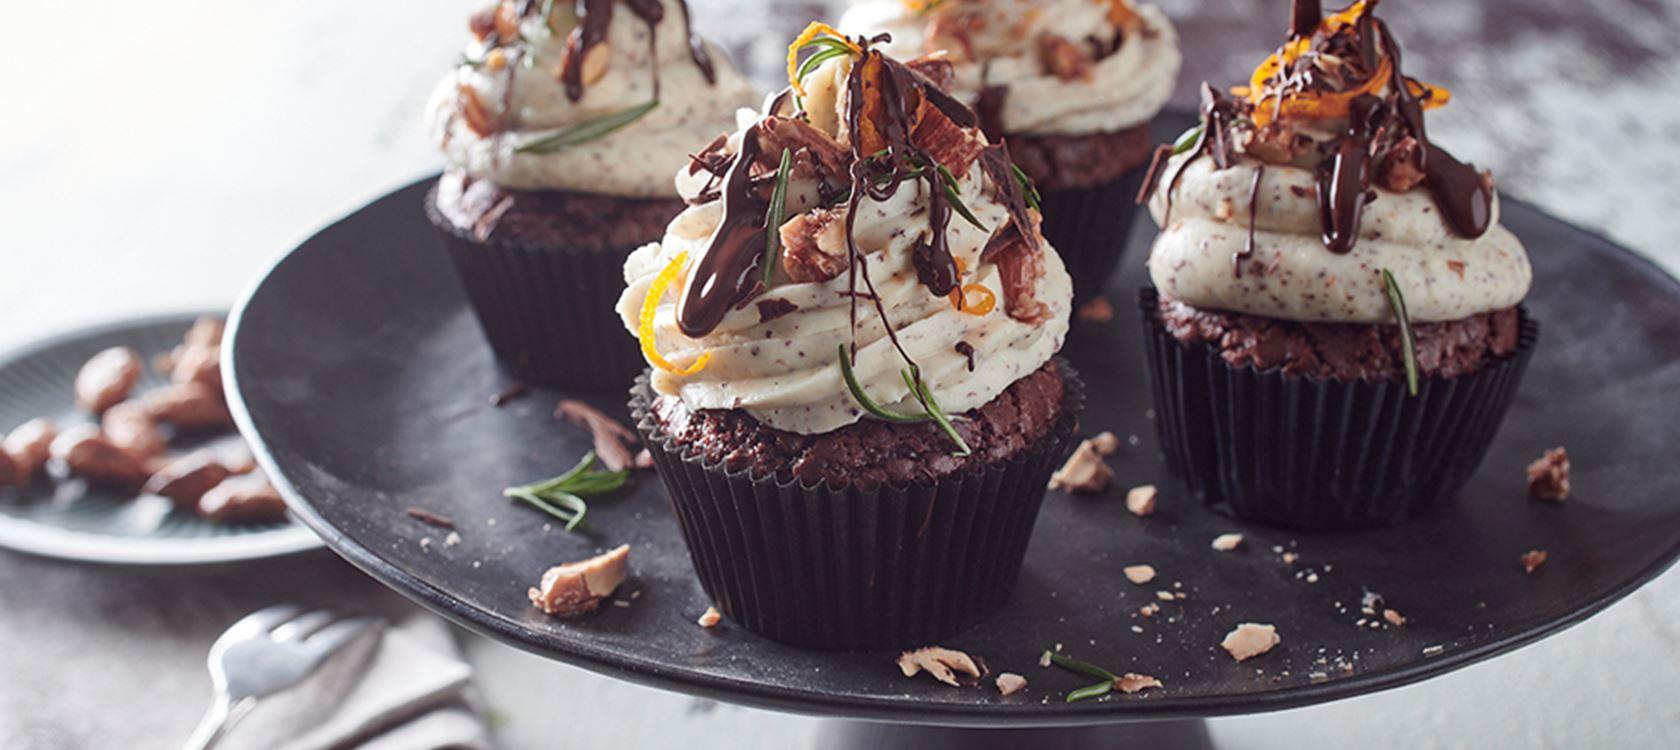 Winterlicher Schokoladen-Cupcakes mit Topping und Arla Buko® der Sahnige